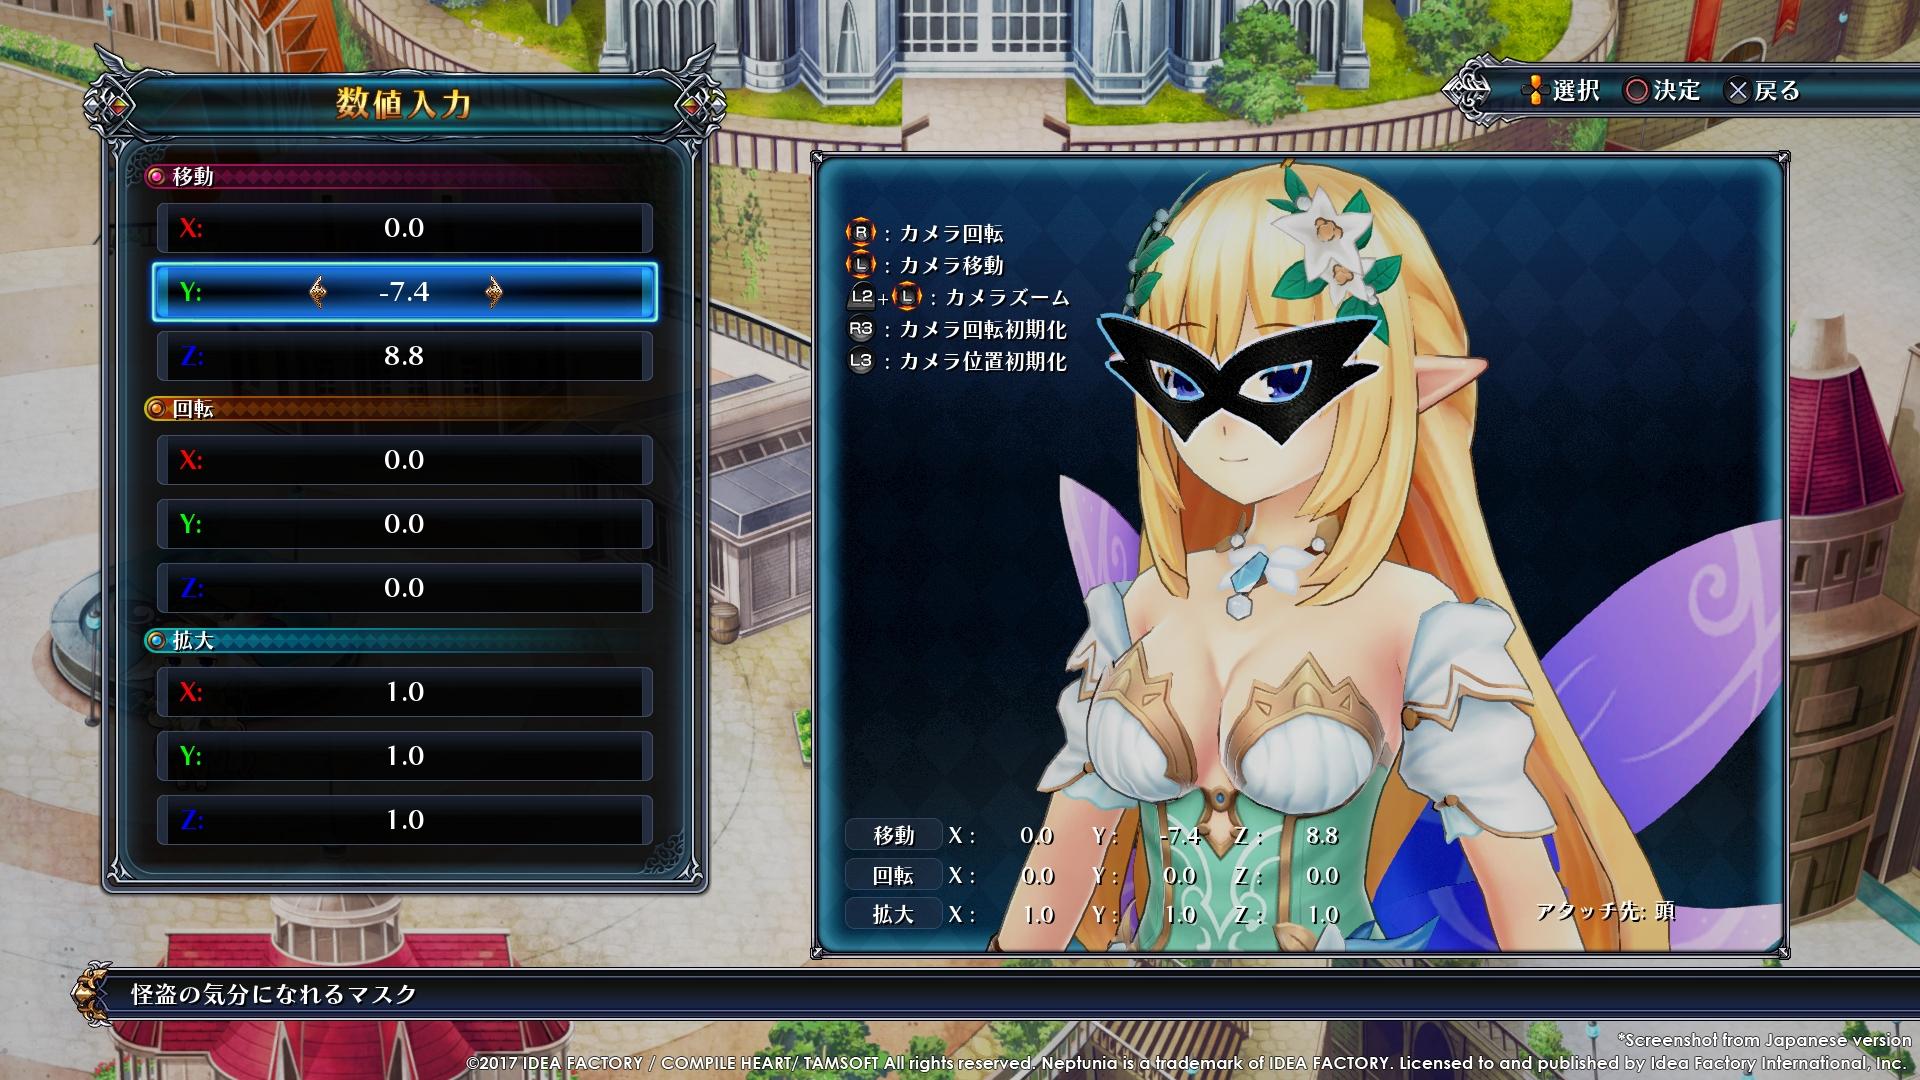 Cyberdimension Neptunia: 4 Goddesses Online dorazí koncem roku 140034